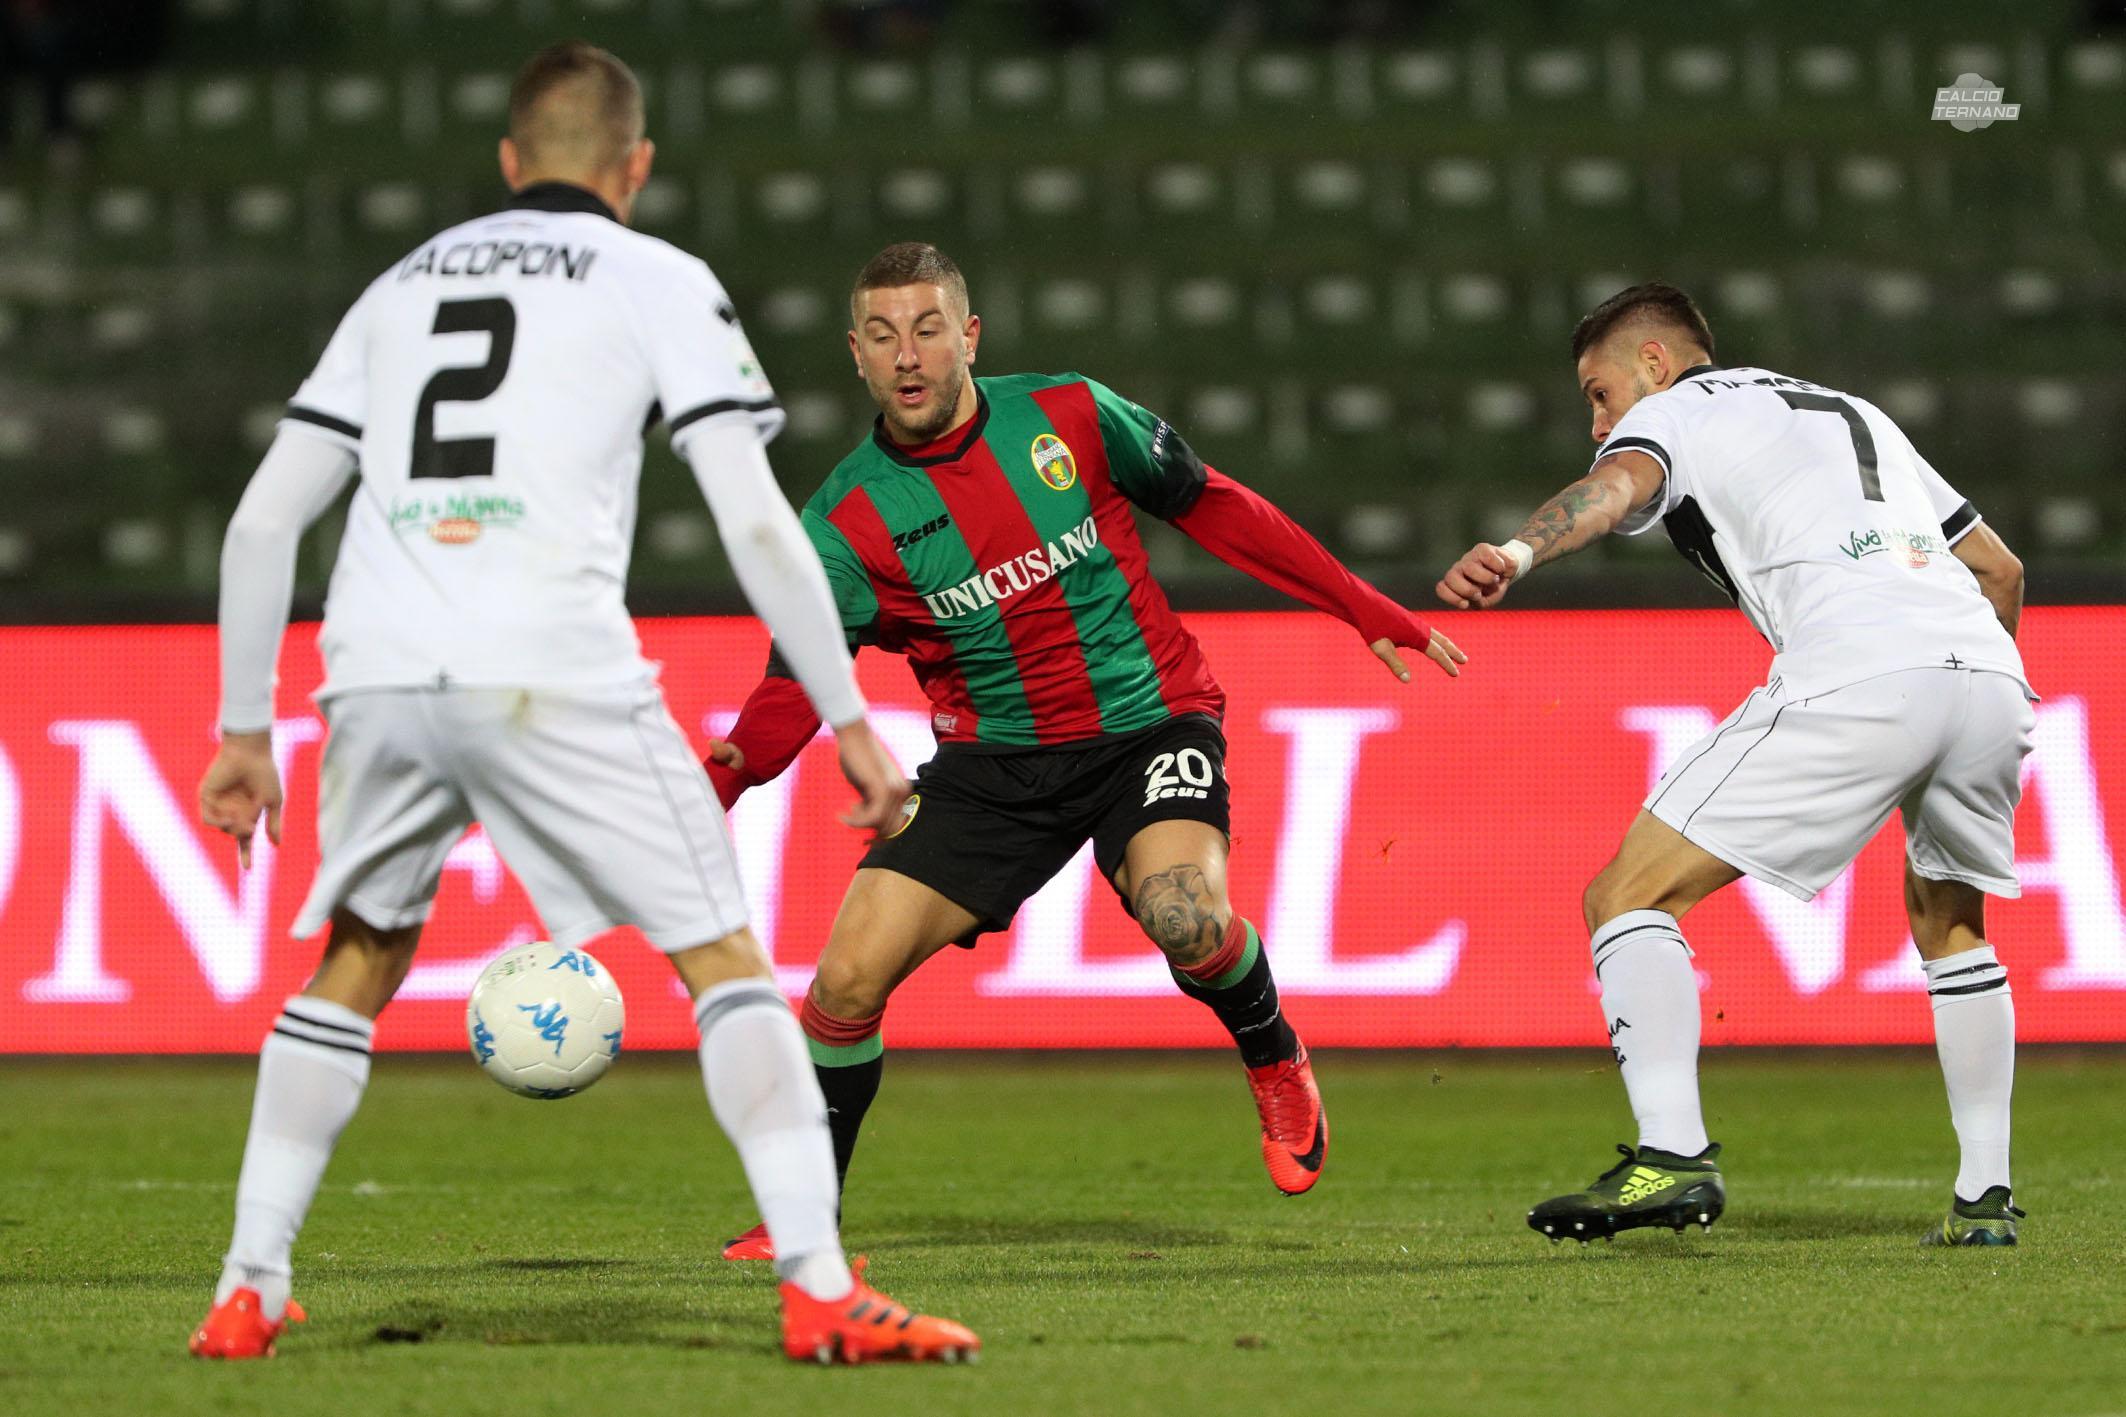 L'attaccante potrebbe sbarcare nel massimo campionato italiano